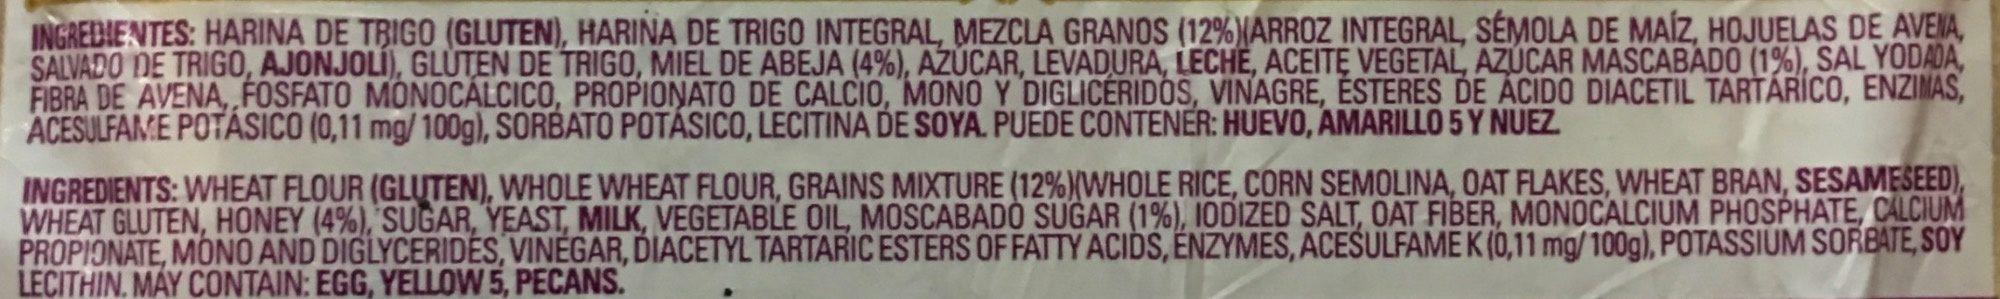 Oroweat Mult-igrano - Ingredientes - es